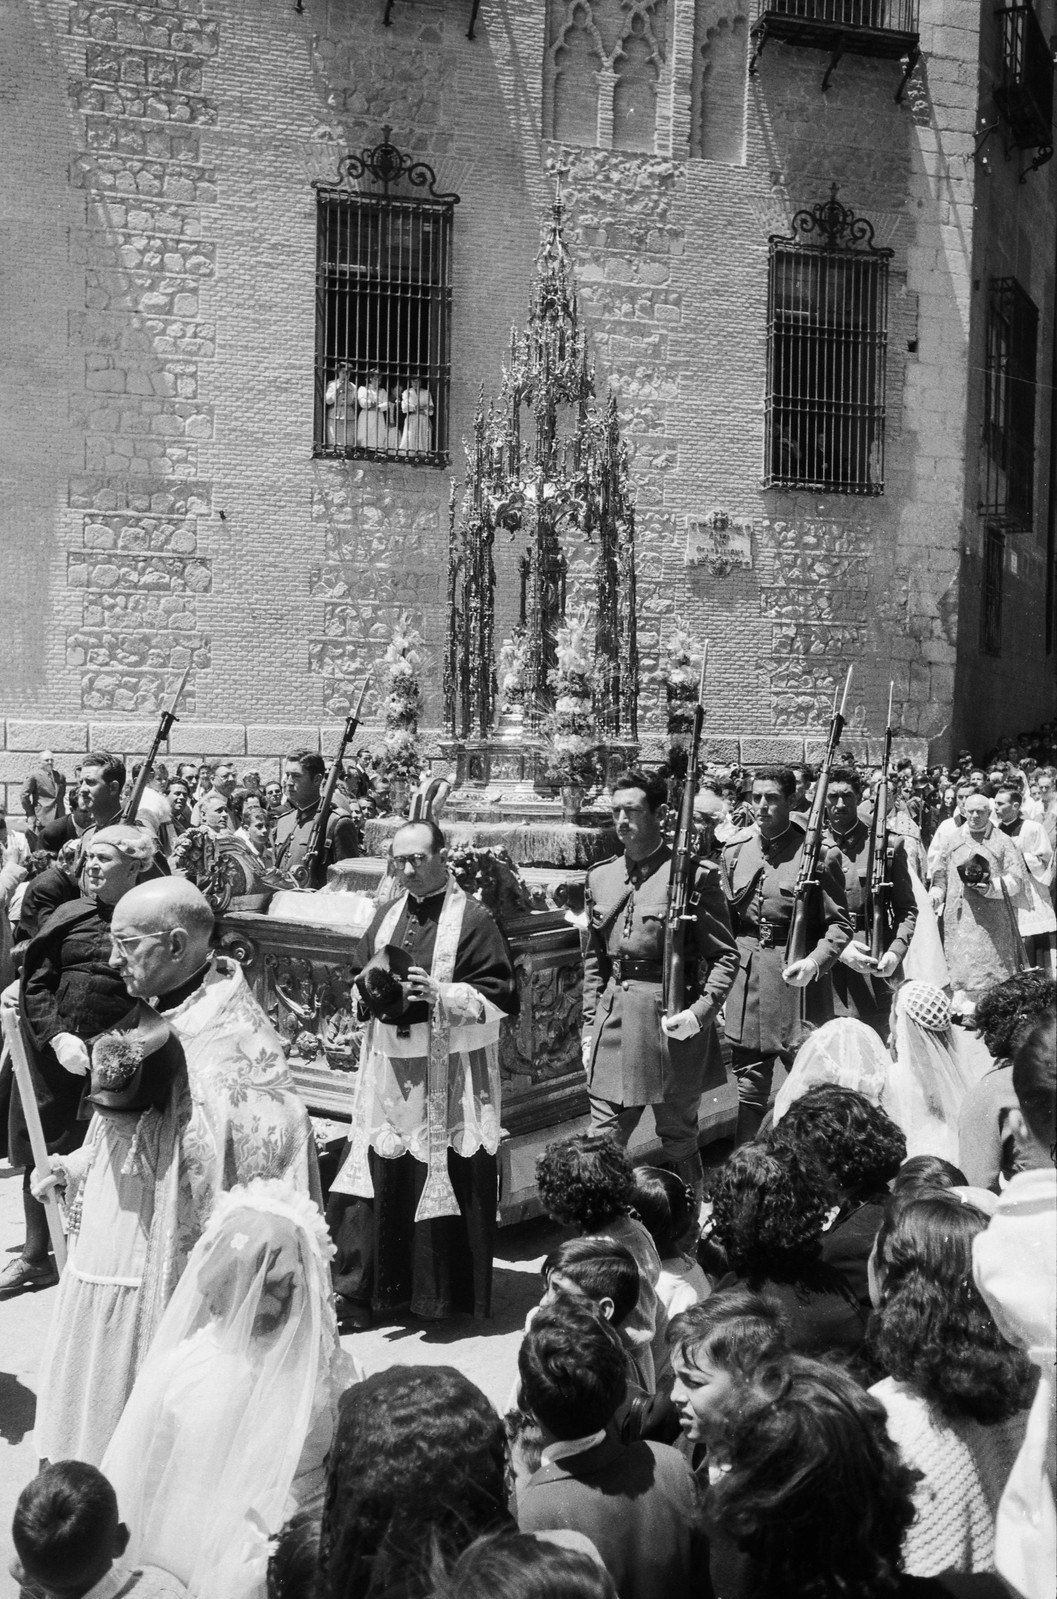 Cuestodia de Arfe en la Procesión del Corpus Christi de Toledo en 1955 © ETH-Bibliothek Zurich